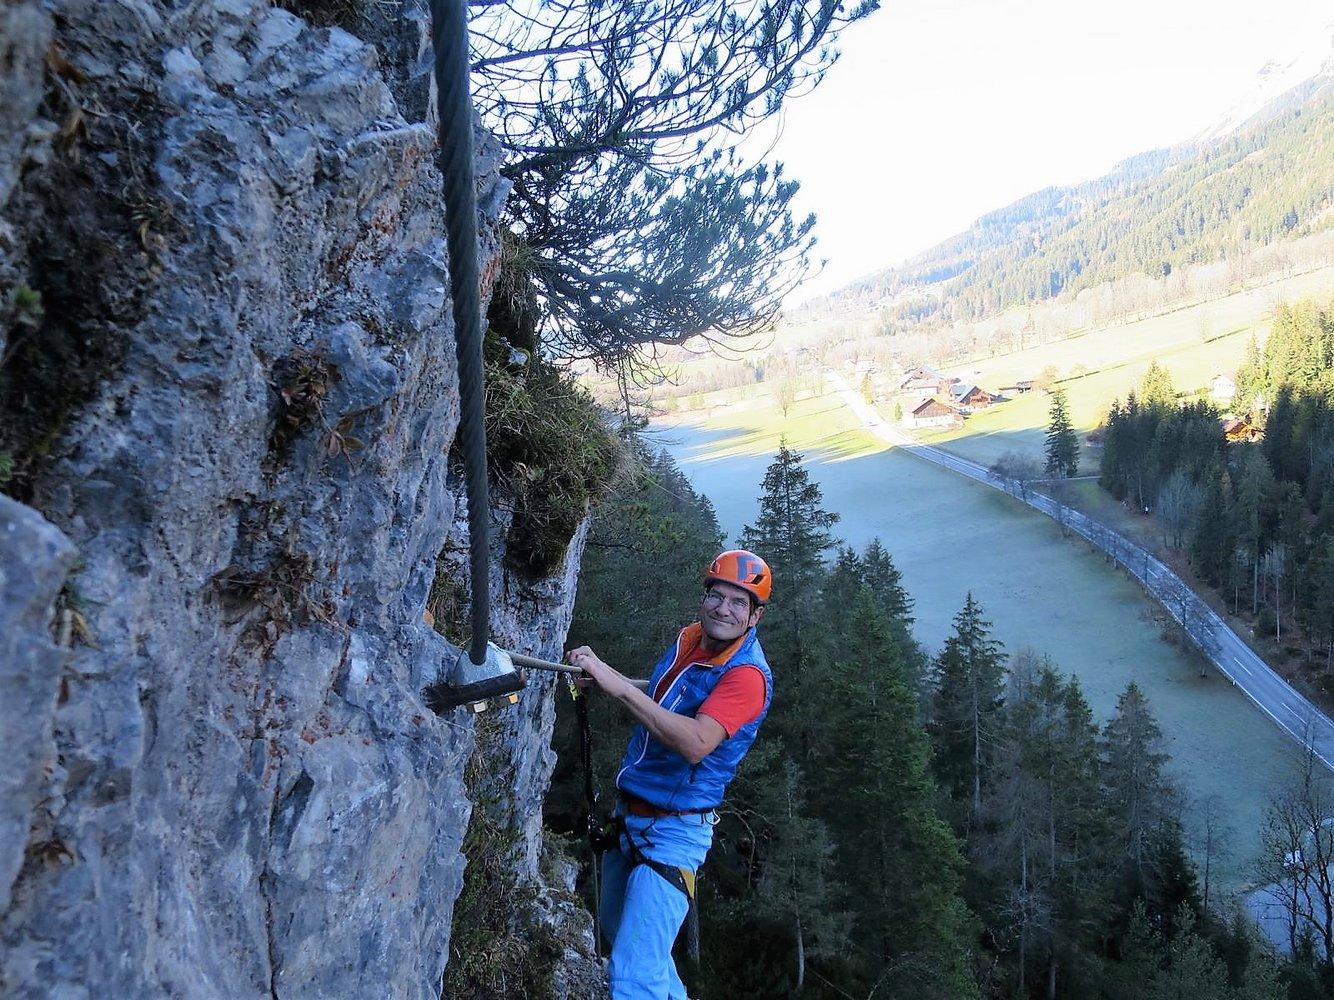 Klettersteig Ramsau : Ramsau am dachstein die wiege der klettersteige